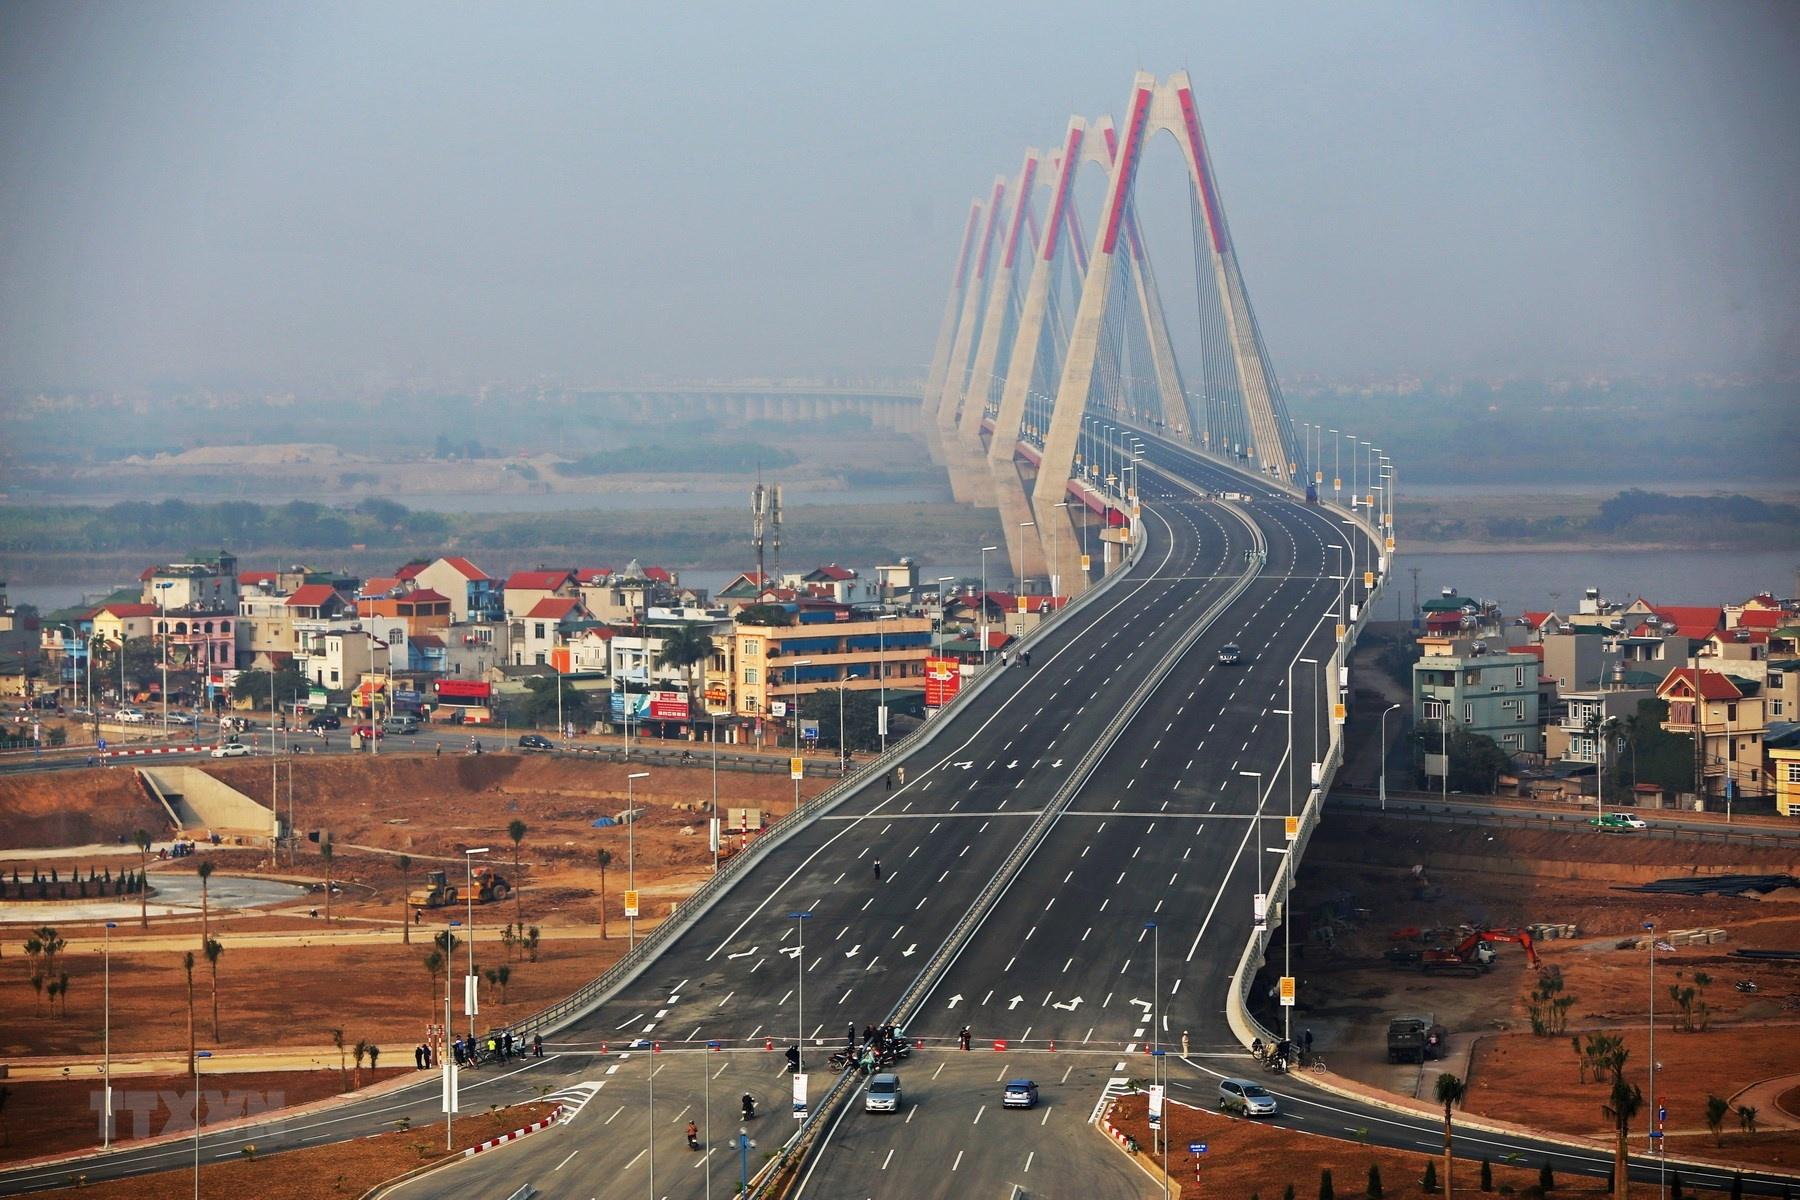 Q: Là một người Trung Quốc, bạn nghĩ gì về tương lai của nền kinh tế Việt Nam so với các nước Đông Nam Á khác? 33